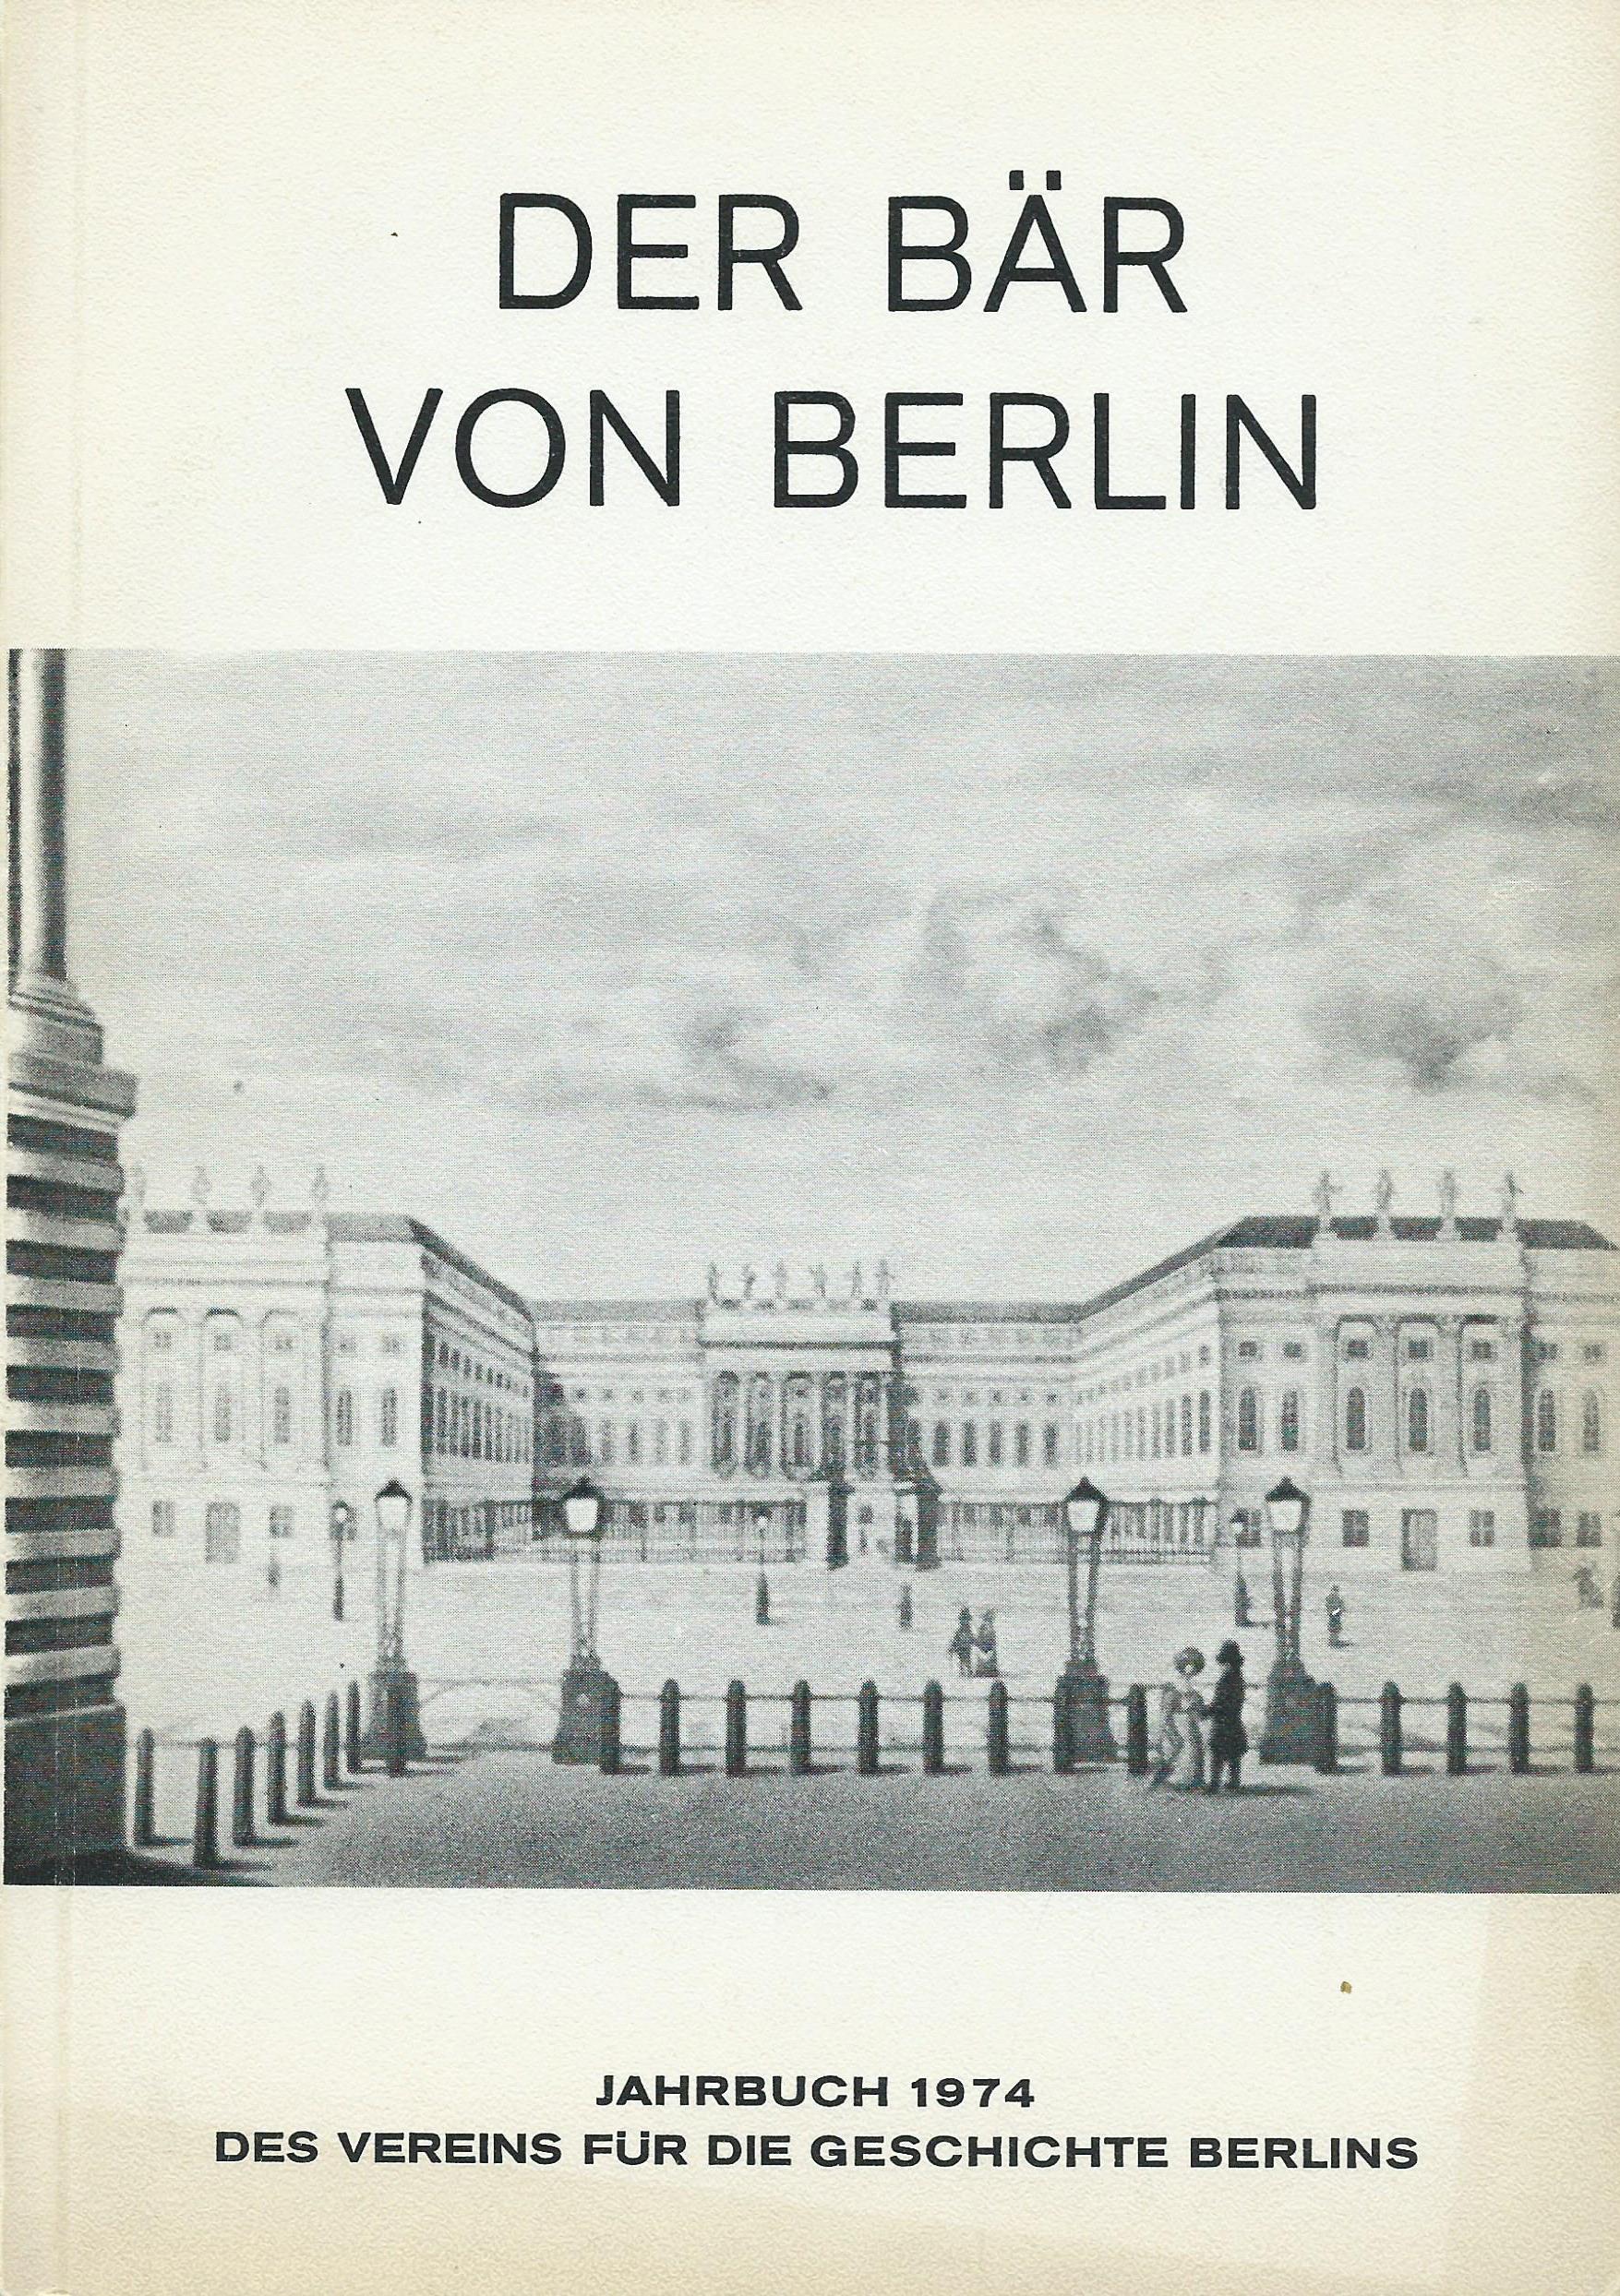 Dateijahrbuch Verein Für Die Geschichte Berlins Deckblatt 1974jpg